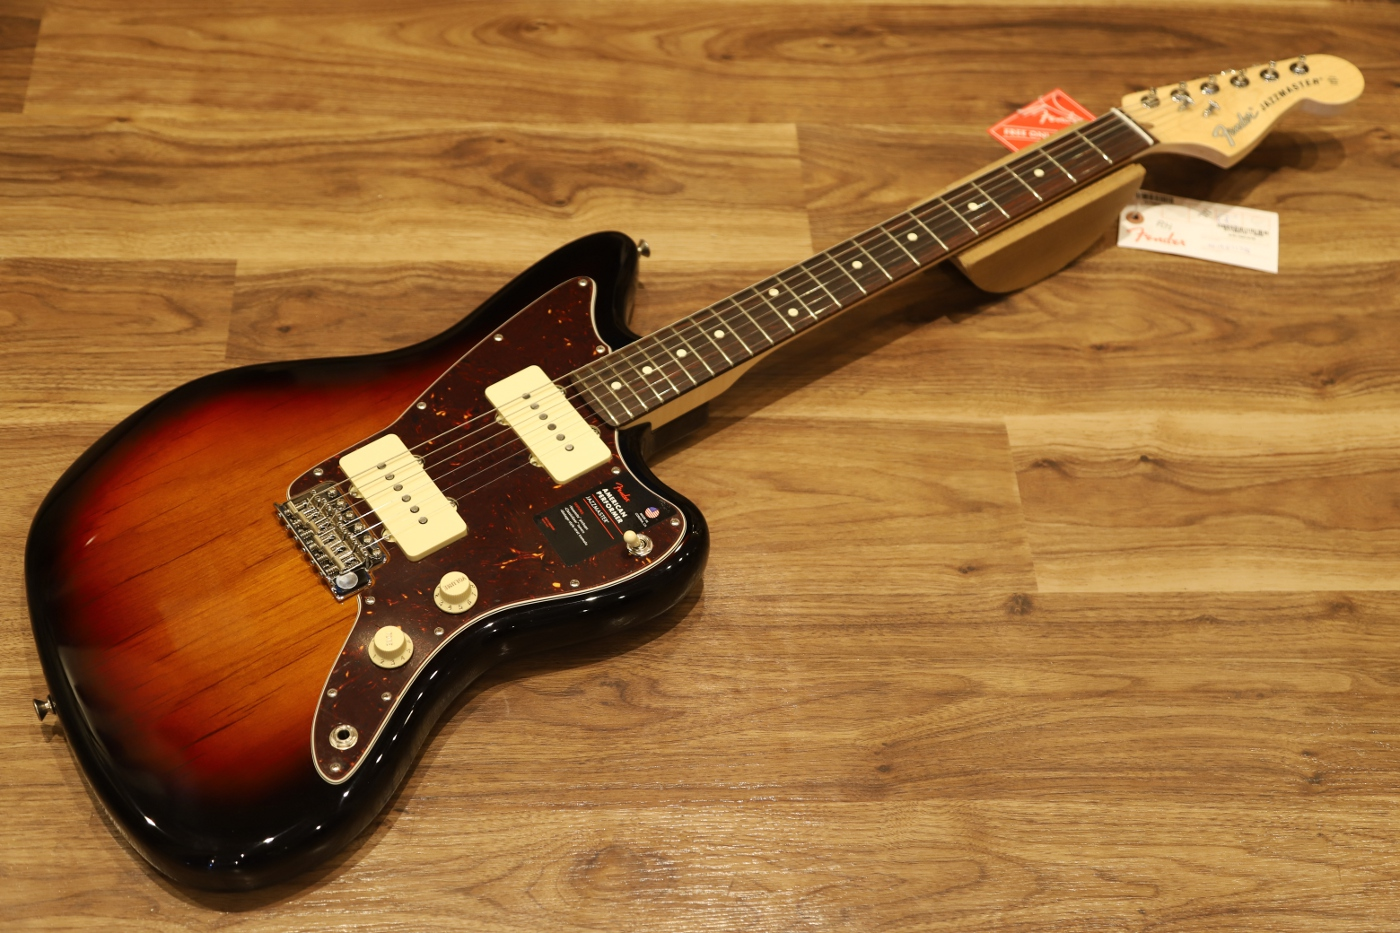 【送料無料】Fender AMERICAN PERFORMER JAZZMASTER® 3-Color Sunburst フェンダー アメパフォ ジャズマスター 【即納可能♪】